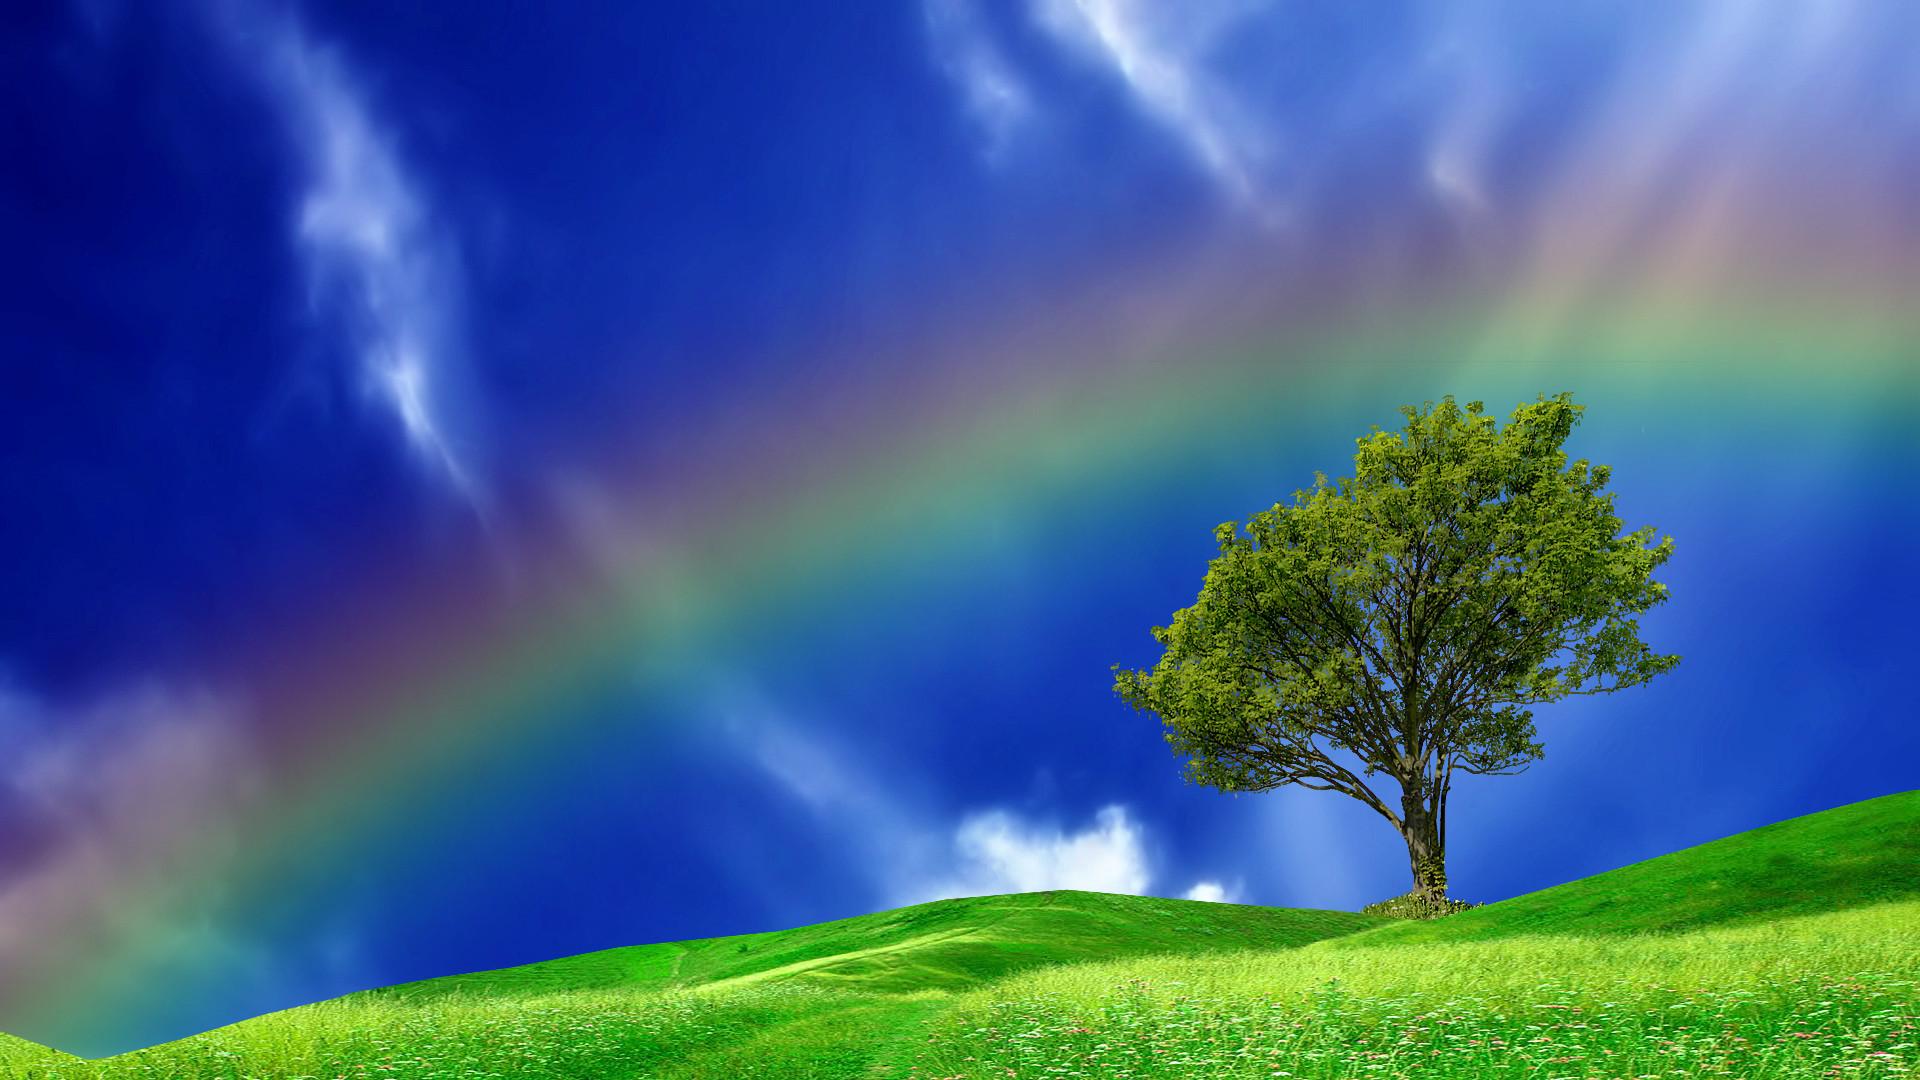 Rainbow In A Blue Sky #23859 Wallpaper   Wallpaper hd